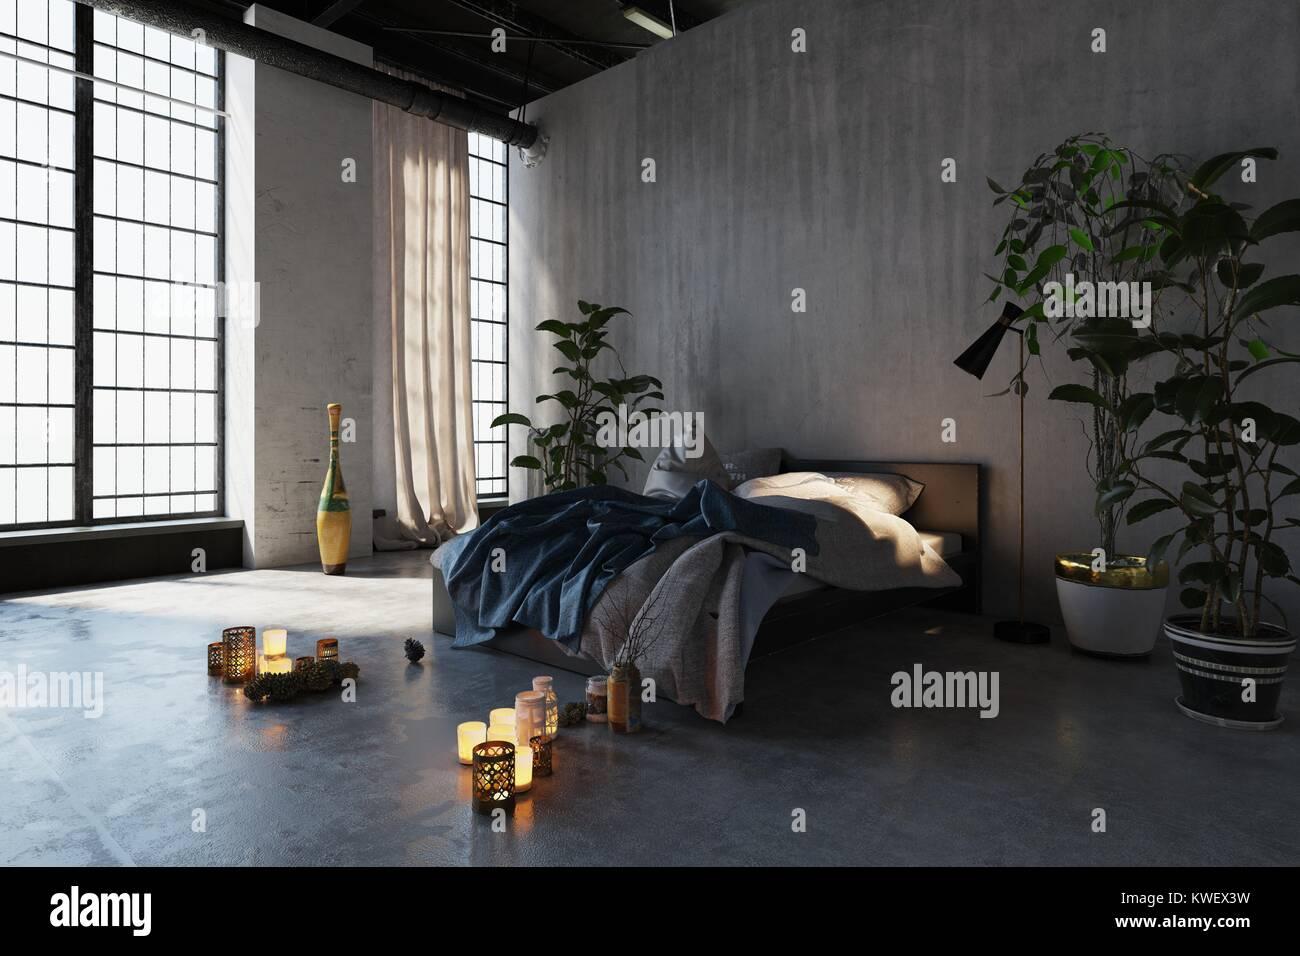 Camera Da Letto Romantica Con Candele : Romantica camera da letto con candele accese in un alto volume